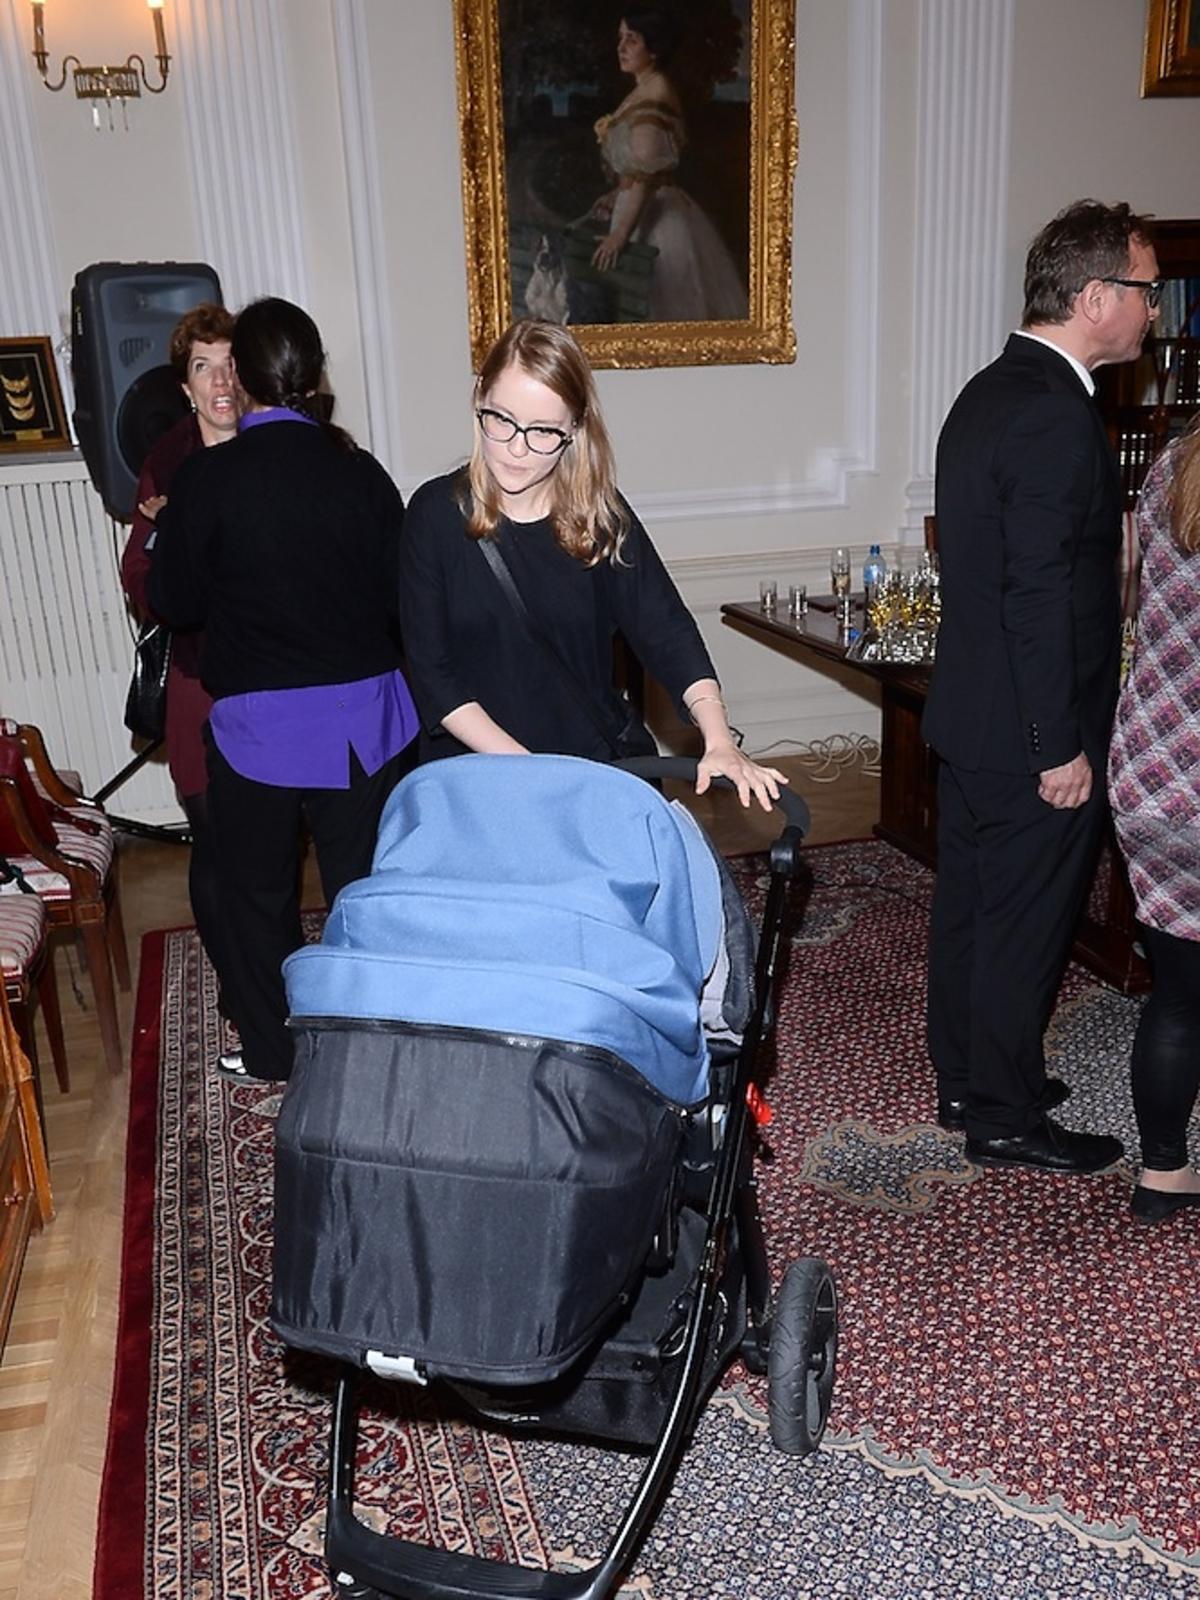 Paulina Jaroszewska cała na czarno z wózkiem w Ministerestwie kultury